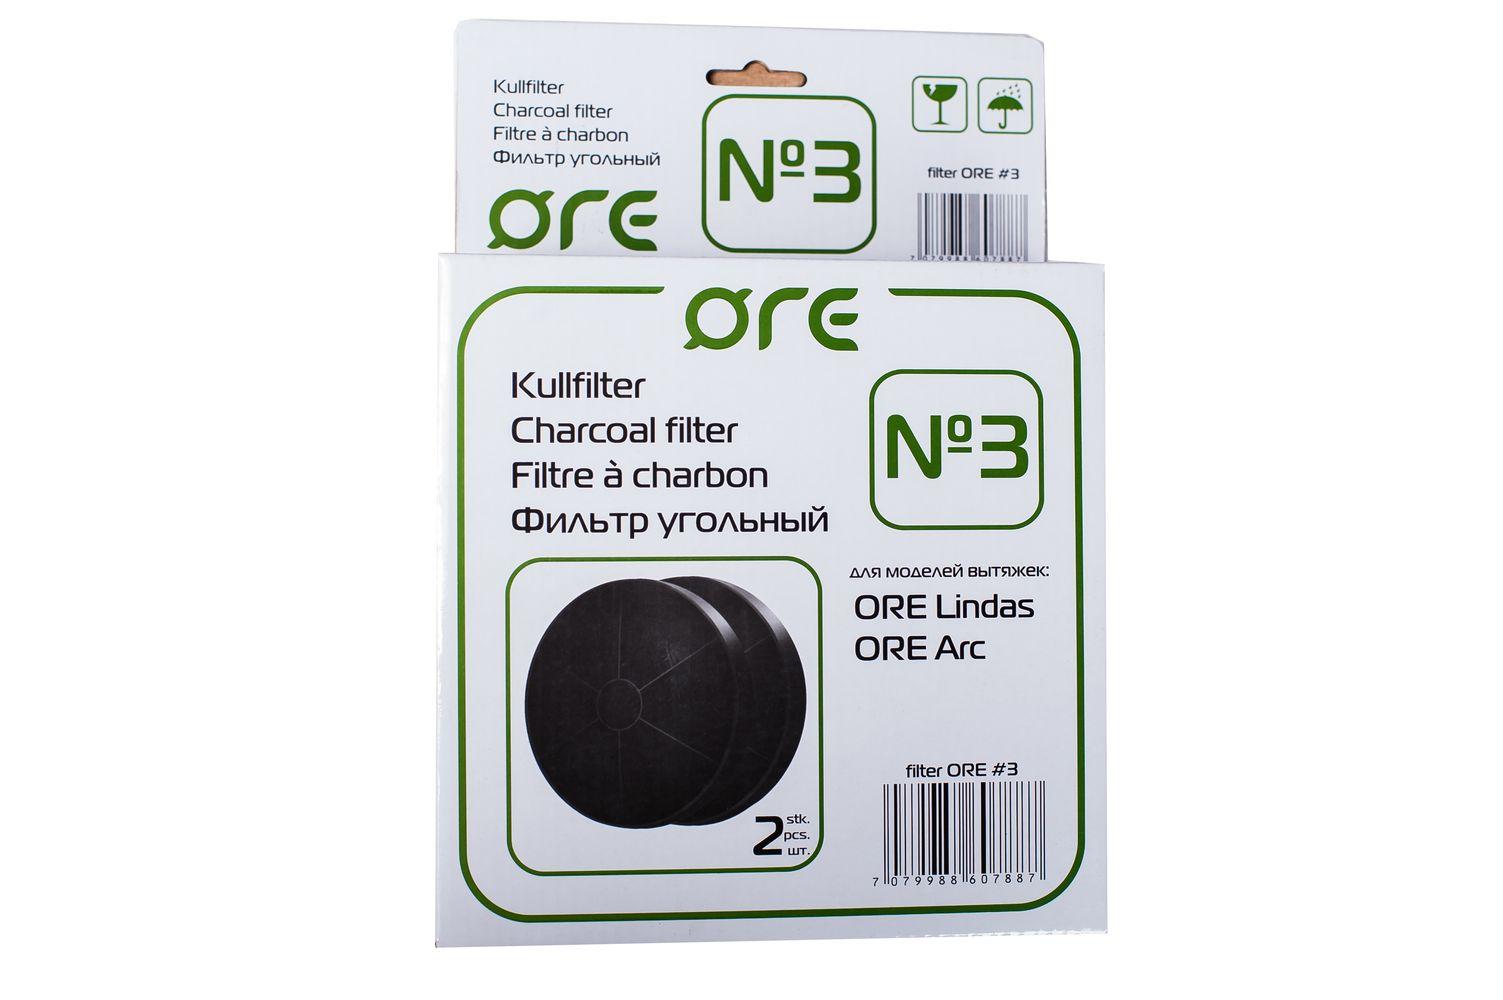 Угольный фильтр для вытяжки ORE №3 ORE